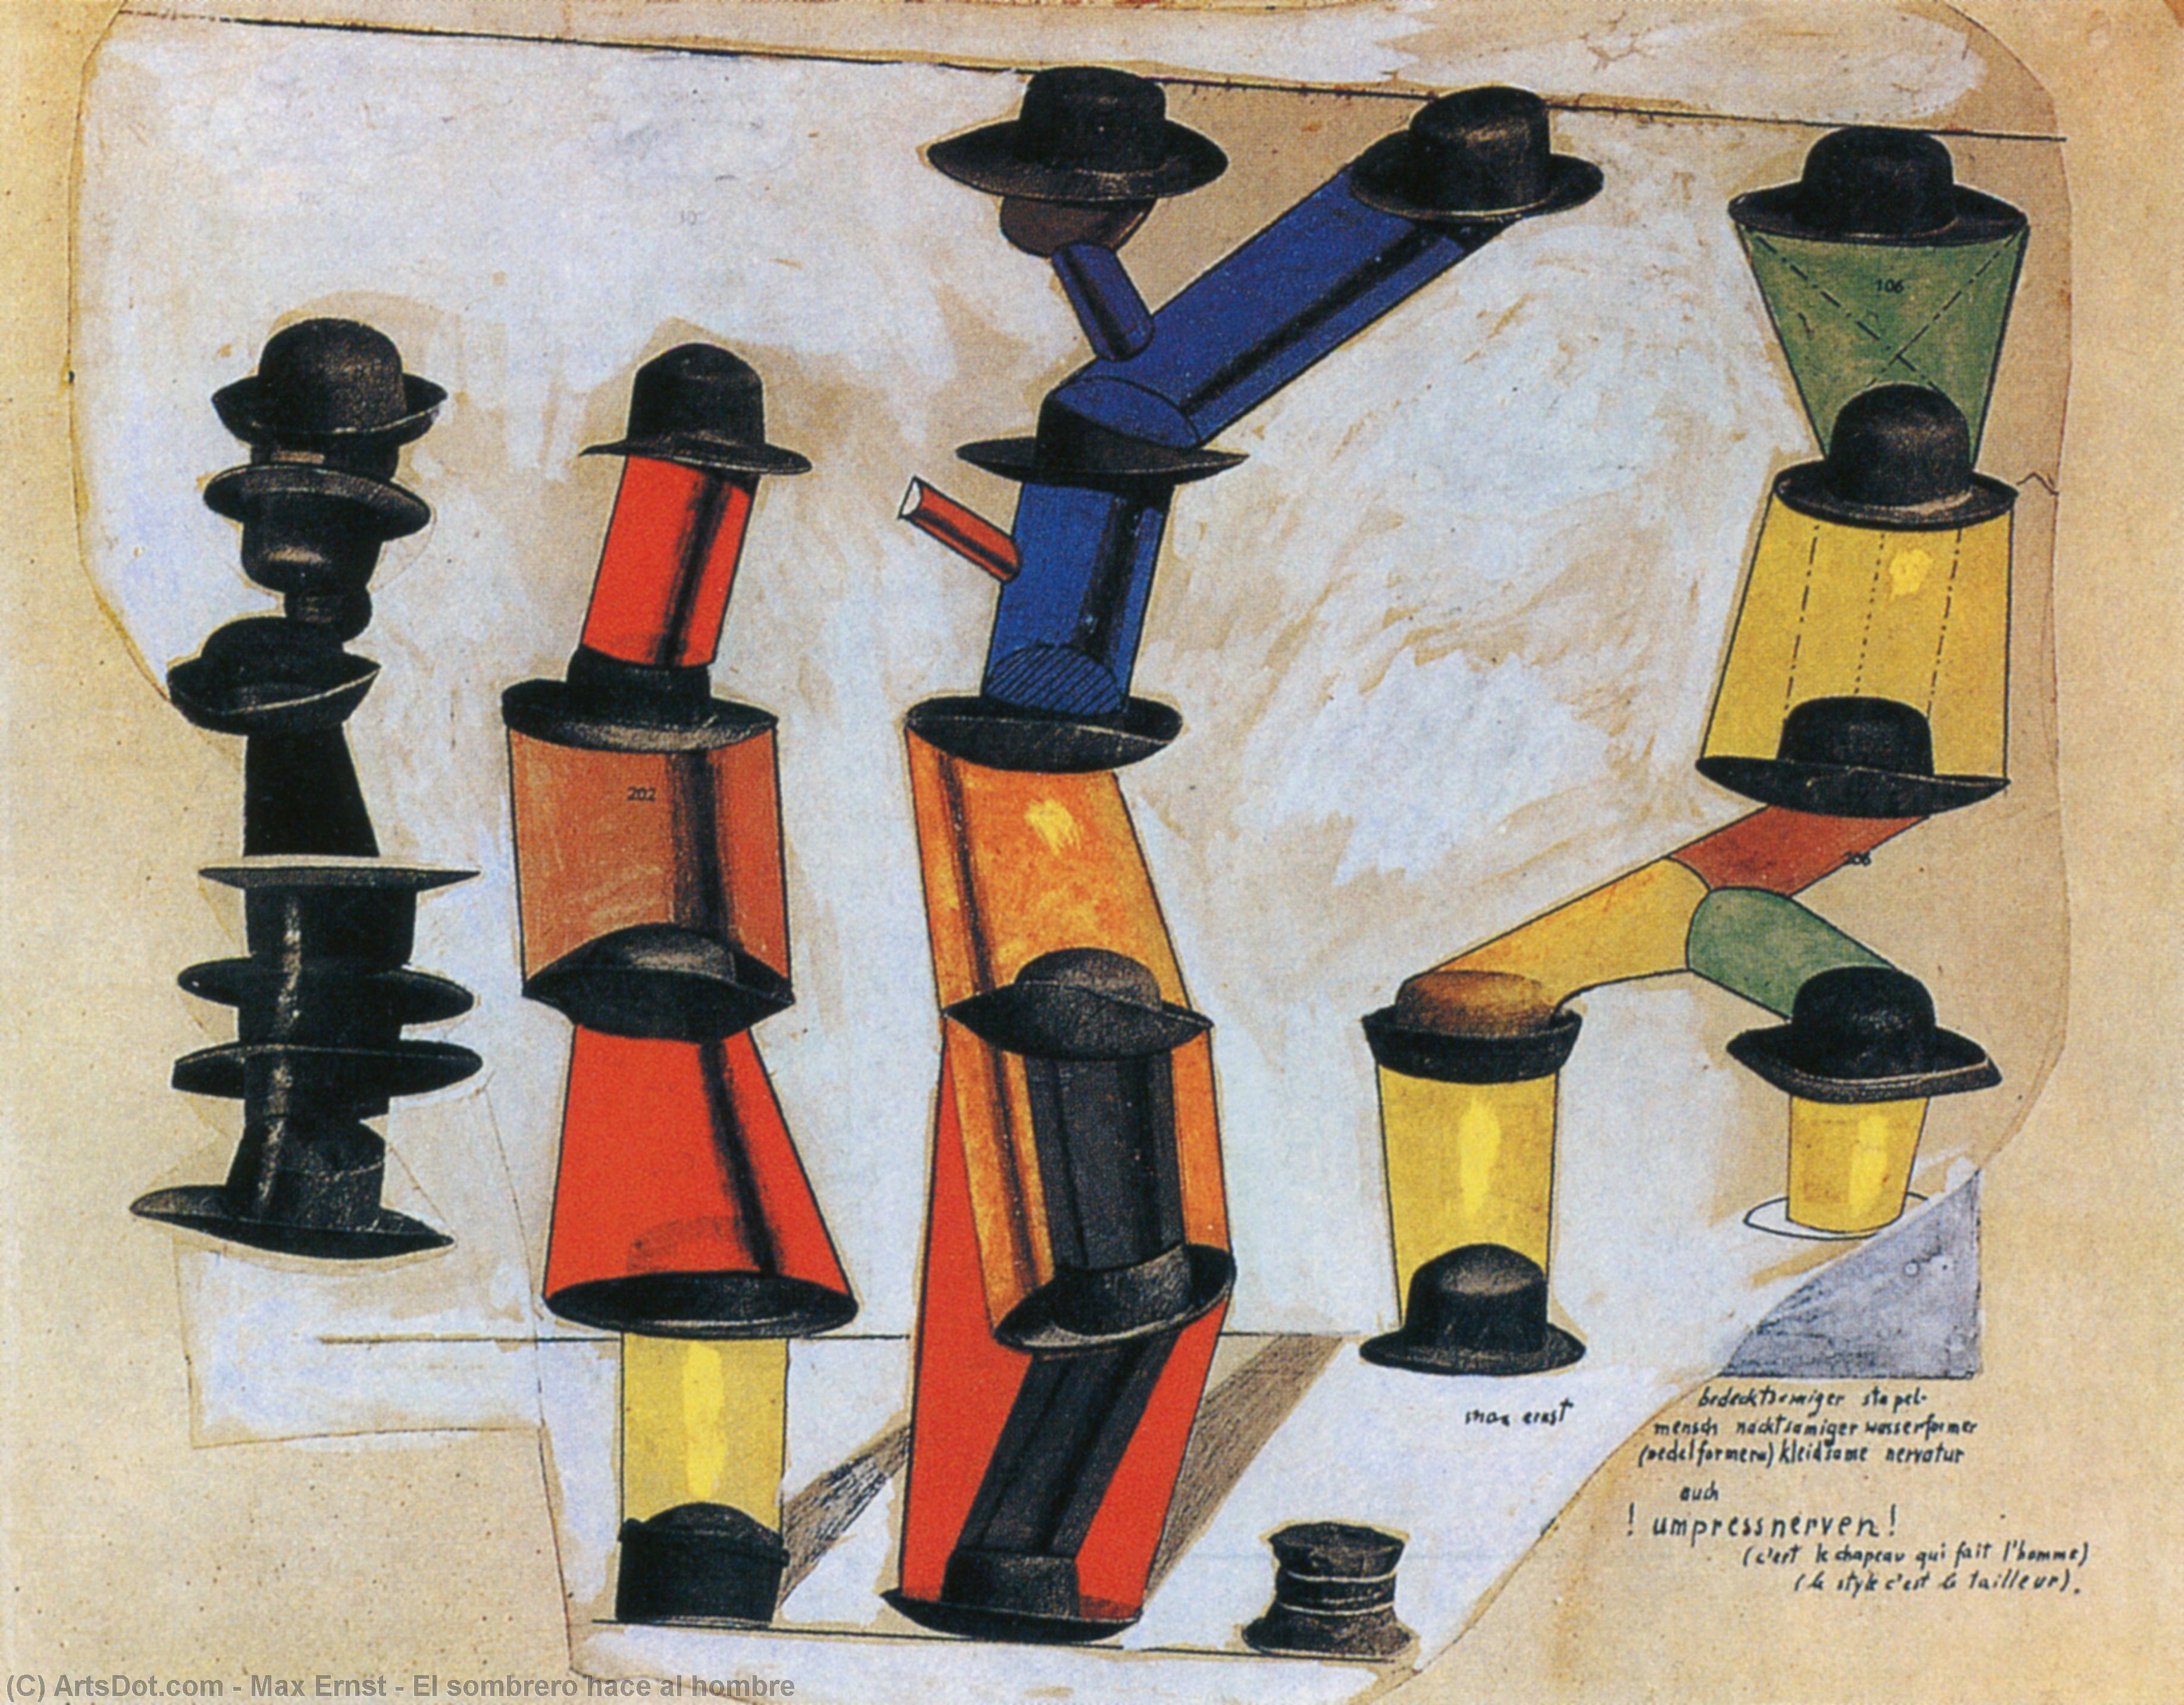 Wikioo.org - The Encyclopedia of Fine Arts - Painting, Artwork by Max Ernst - El sombrero hace al hombre